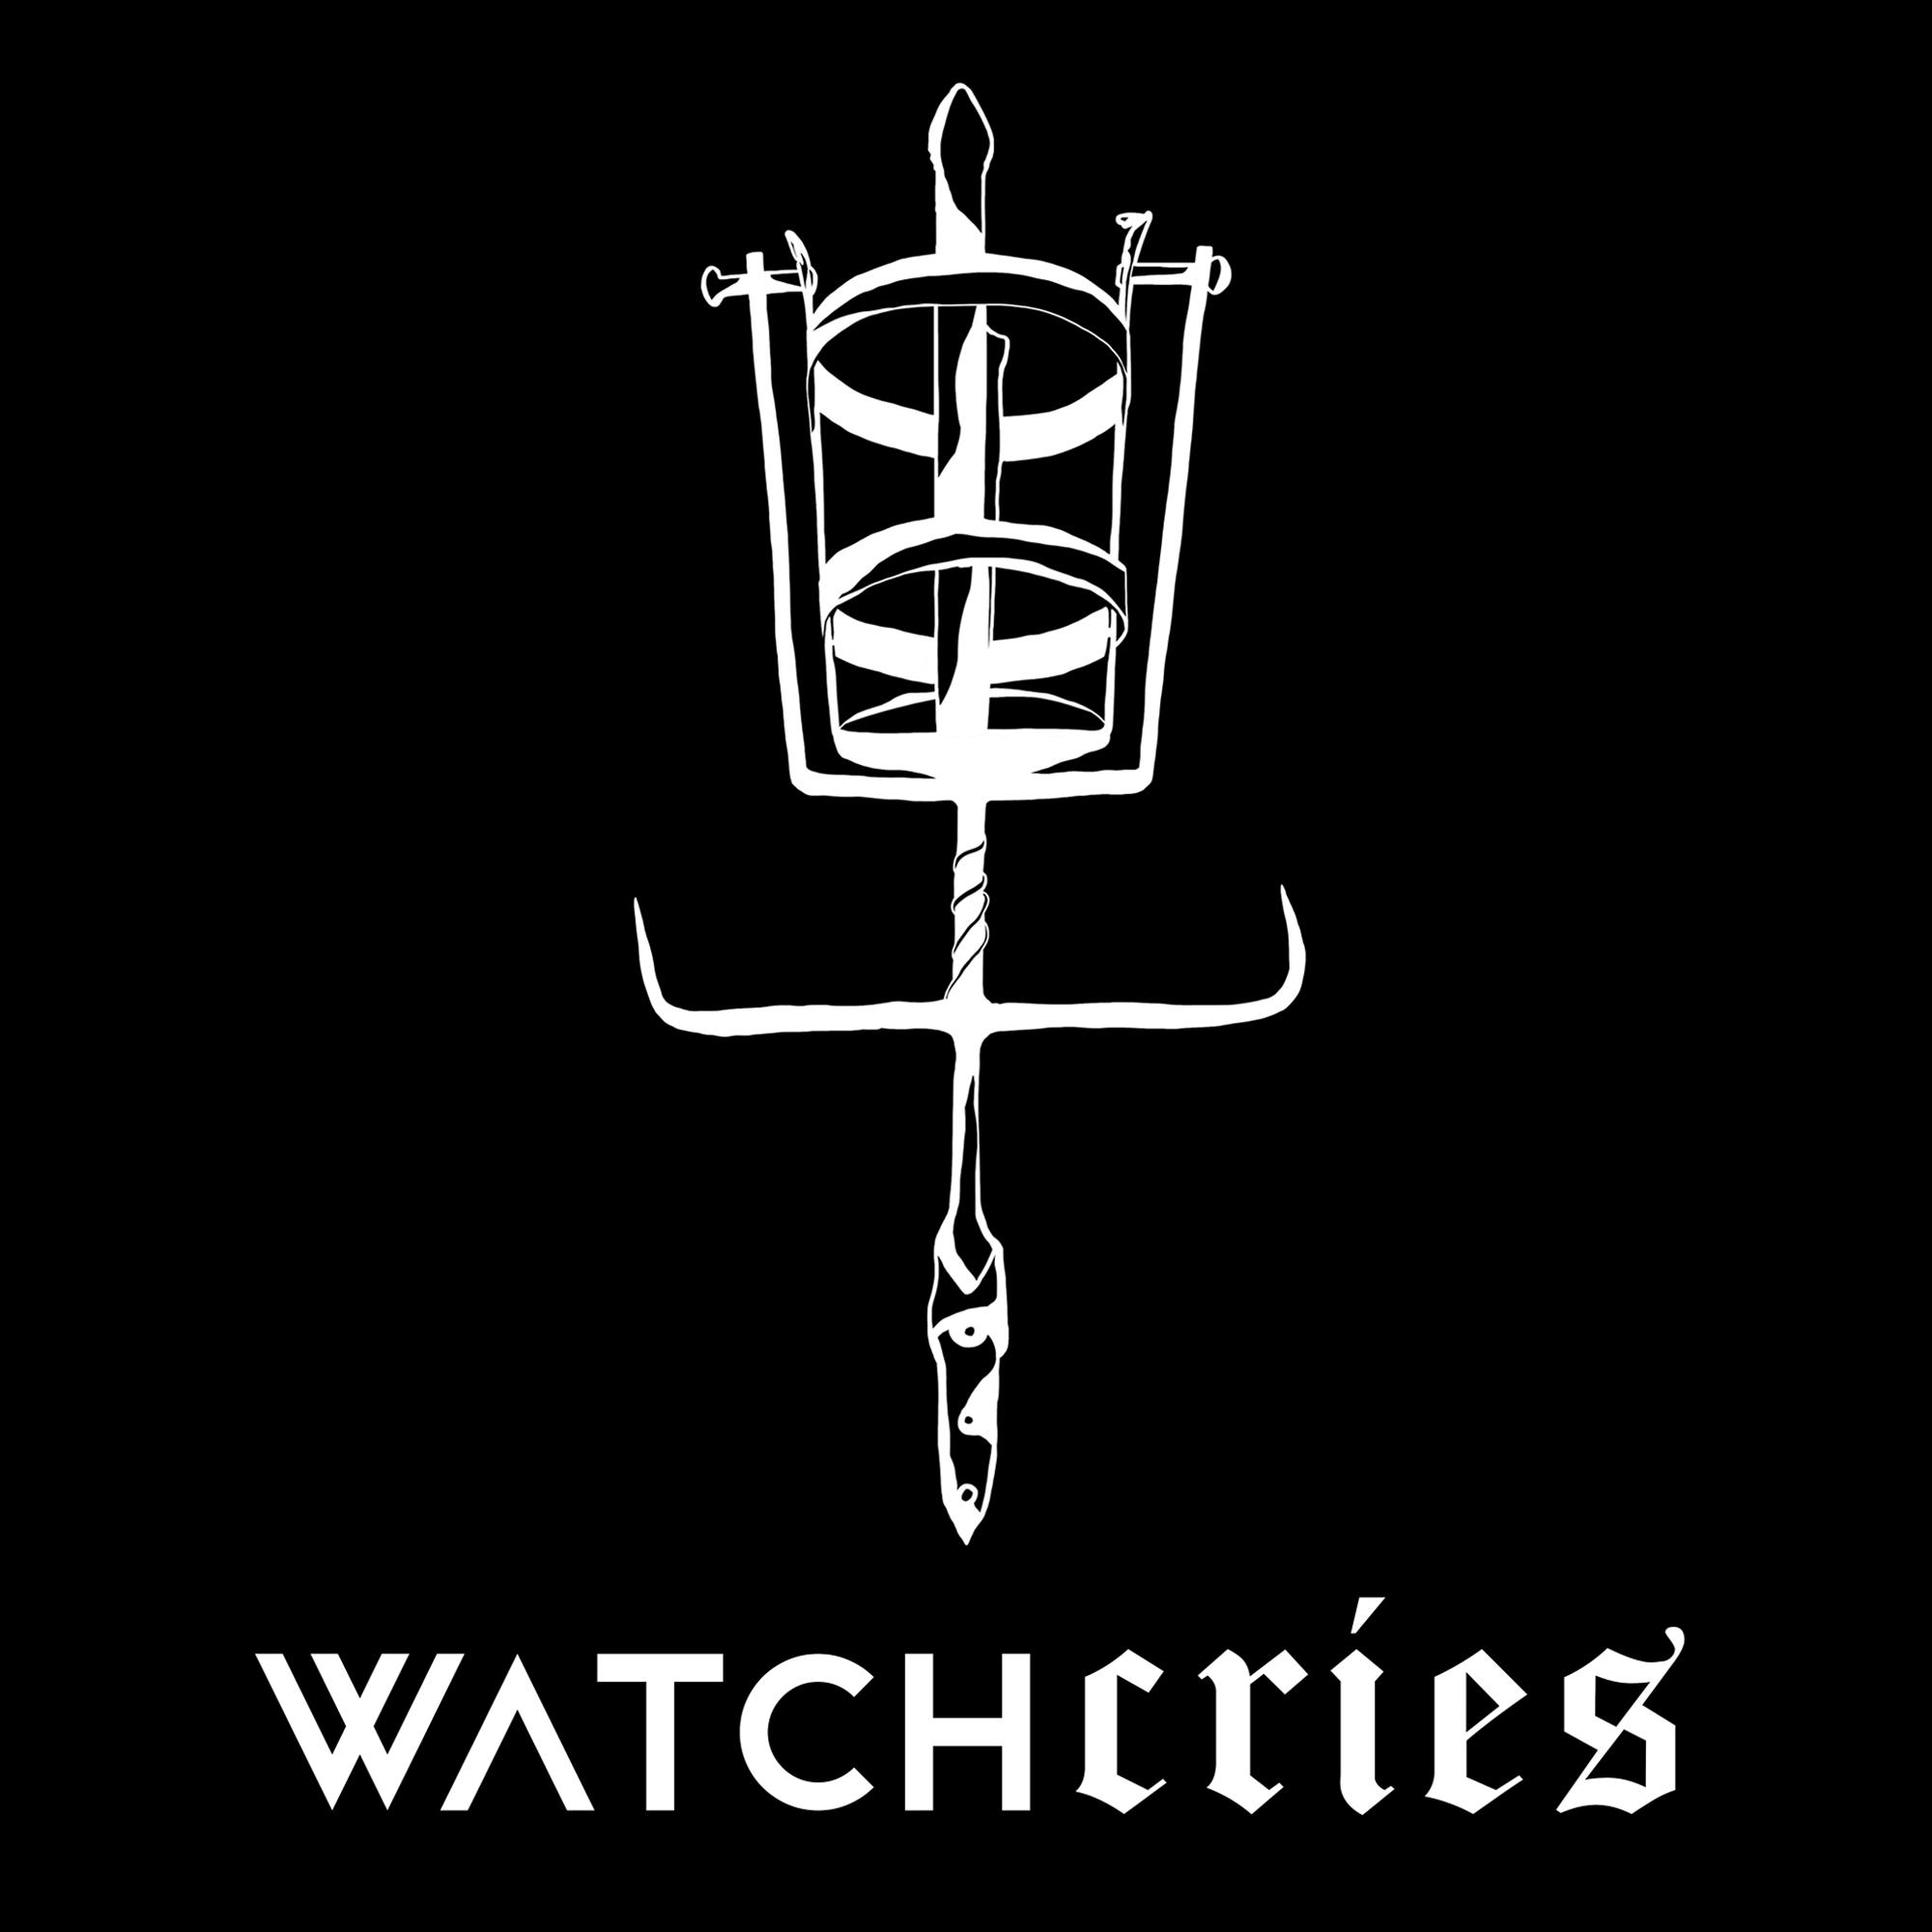 Watchcries - S/T